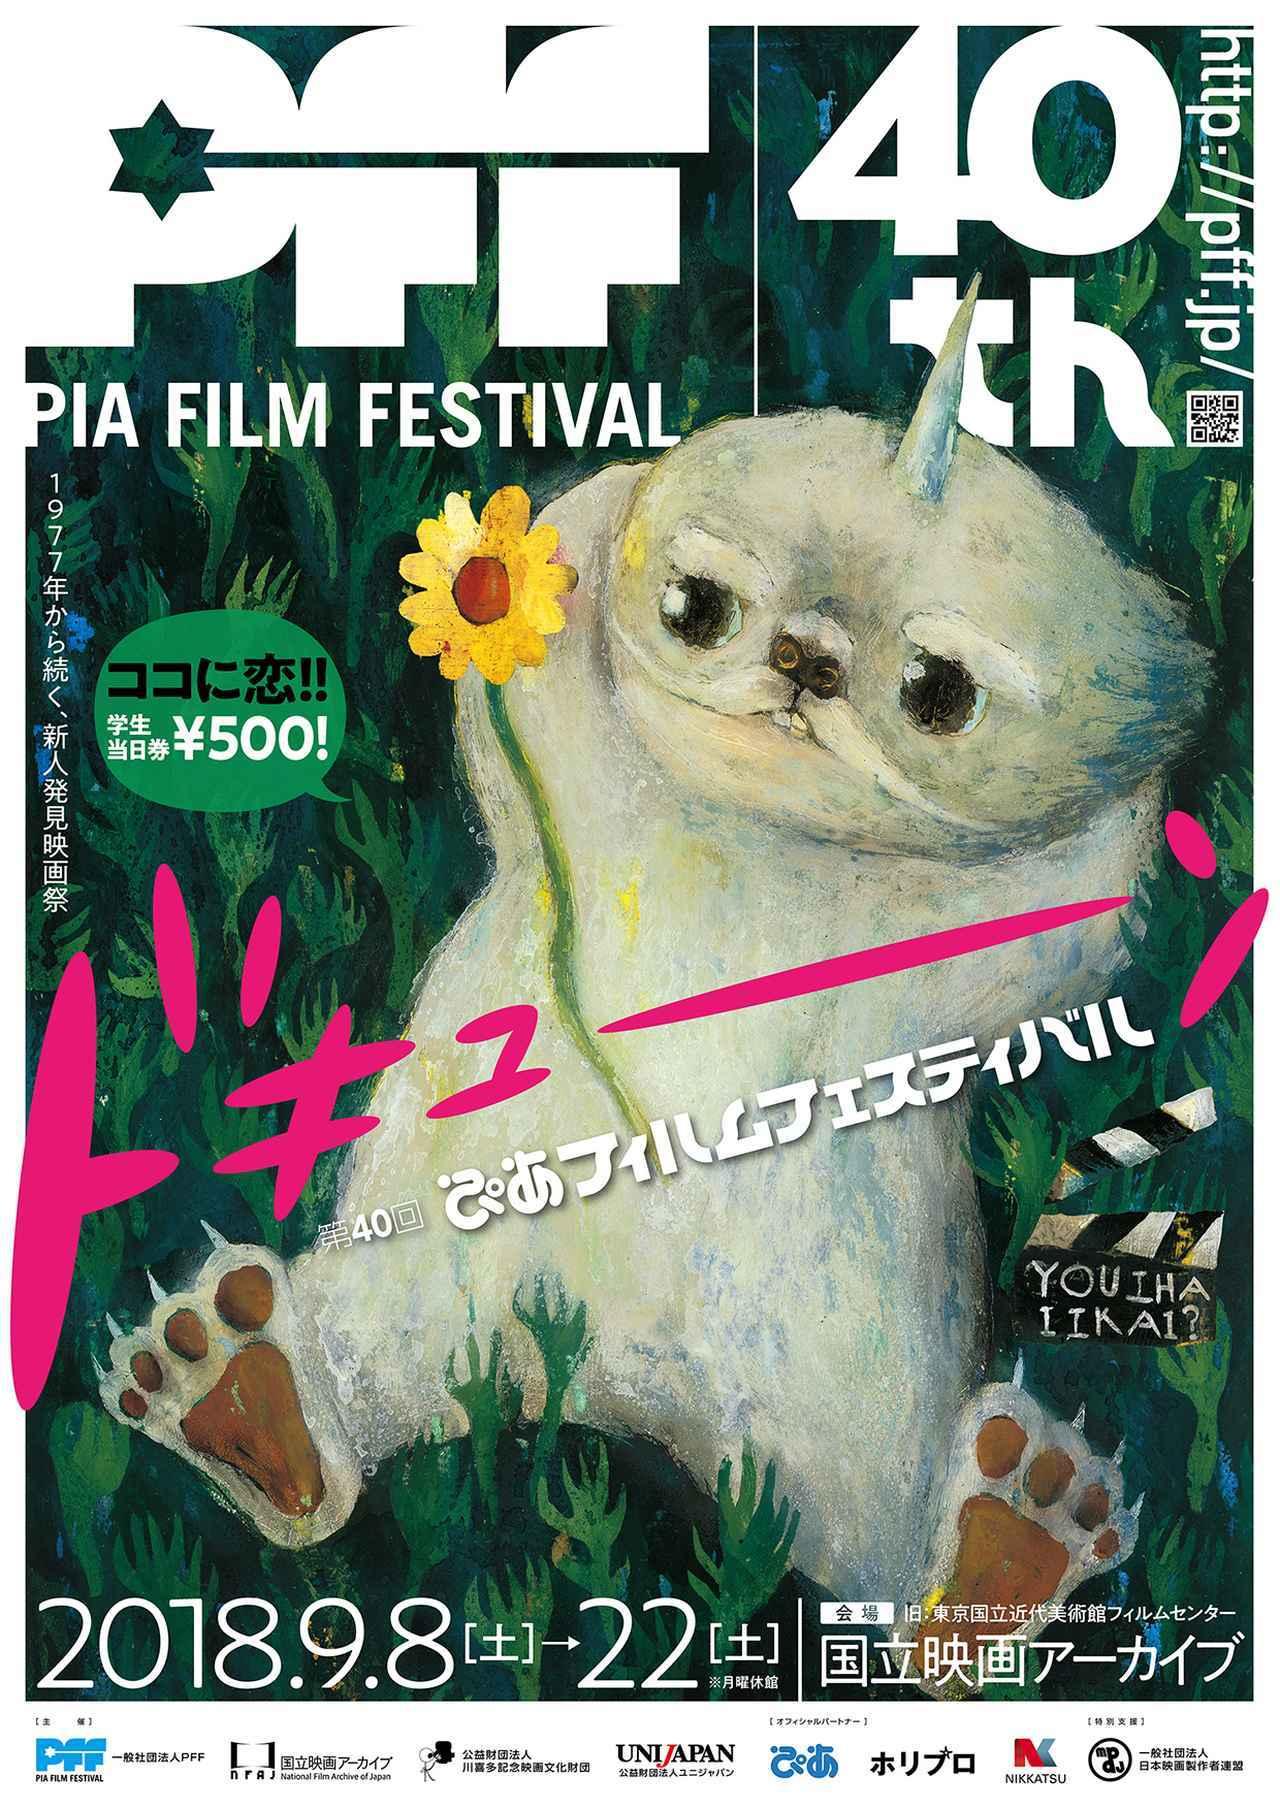 画像1: 「第40回ぴあフィルムフェスティバル」メインビジュアル